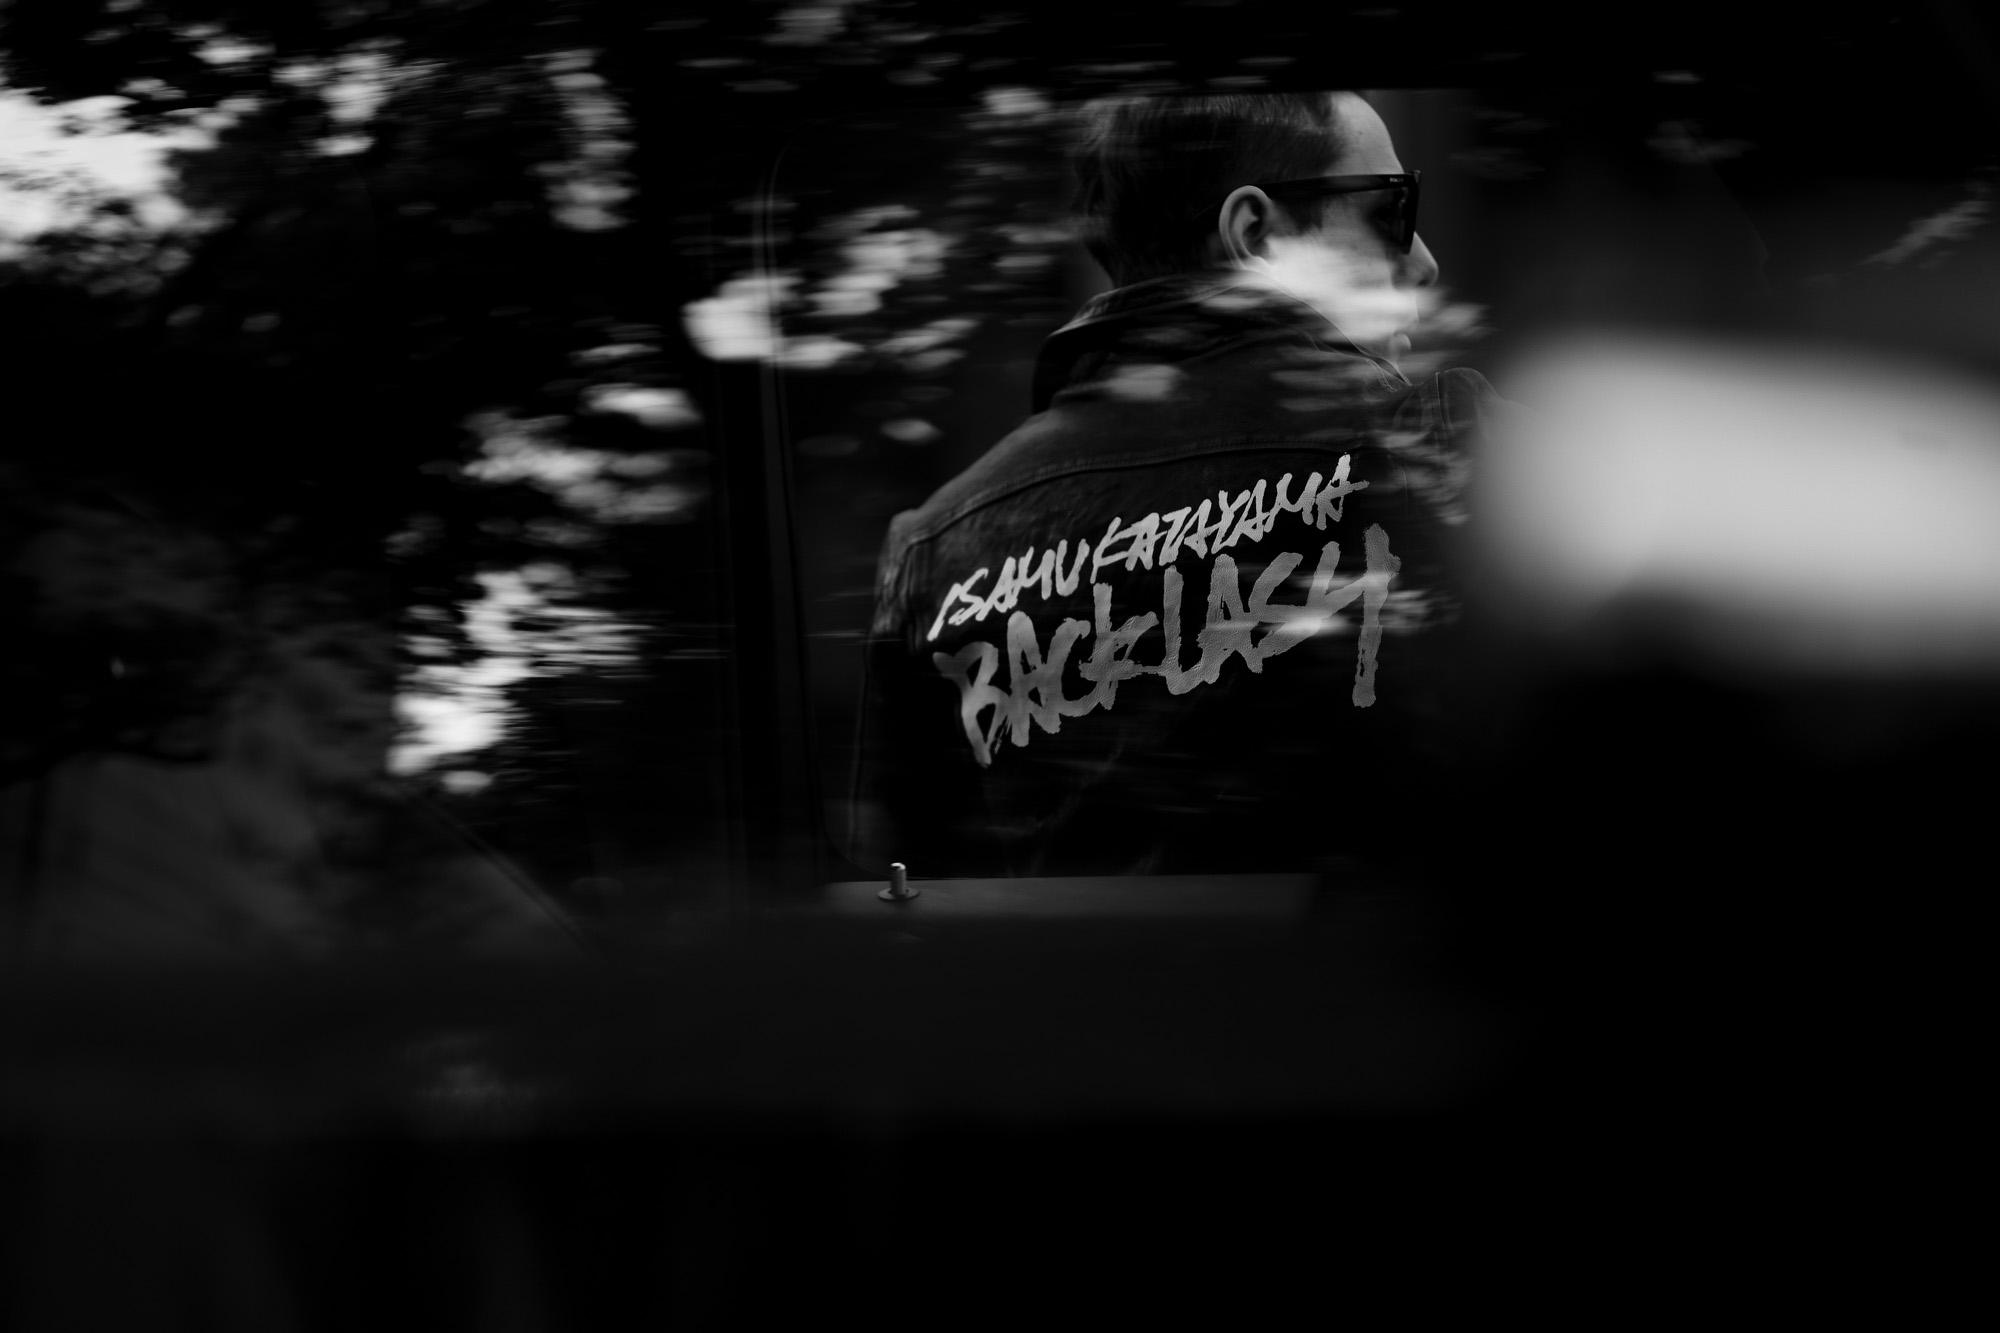 2021.2.23 Model shooting. alto e diritto altoediritto  アルトエデリット 愛知 名古屋 東京 大阪 セレクトショップ 洋服屋 Italy FIXER フィクサー F1 ILLUMINATI EYES RING イルミナティ アイズリング ALESSANDRO GHERARDI アレッサンドロゲラルディ Alfredo Beretta アルフレッド ベレッタ Anderson's アンダーソンズ BOGLIOLI ボリオリ BORRIELLO ボリエッロ CINQUANTA チンクアンタ Cruciani クルチアーニ Delan デラン DUVETICA デュベティカ EMMETIエンメティ entre amis アントレアミ ENZO BONAFE エンツォボナフェ FERRANTE フェランテ FRANCO BASSI フランコバッシ FRAY フライ GABRIELE PASINI ガブリエレ パジーニ Glanshirt グランシャツ GRAN SASSO グランサッソ GTA ジーティーアー HERNO ヘルノ INCOTEX インコテックス INCOTEX SLACKS インコテックススラックス ISAIA イザイア J.W.BRINE J.W.ブライン LARDINI ラルディーニ MONTEDORO モンテドーロ MOORER ムーレー Pantofola d'Oro パントフォラドーロ Radice ラディーチェ PT01 ピーティーゼロウーノ PT05 ピーティーゼロチンクエ RICHARD J.BROWN リチャードジェイブラウン Sealup シーラップ Settefili Cashmere セッテフィーリカシミア VALSTAR ヴァルスター VIGANO ヴィガーノ ZANONE ザノーネ U.S.A. ALDO ROSSI アルドロッシ Allen Edmonds アレンエドモンズ Champion チャンピオン CONVERSE コンバース DANNER ダナー DSPTCH ディスパッチ FILSON フィルソン INDIVIDUALIZED SHIRTS インディビジュアライズドシャツ JACQUESMARIEMAGE ジャックマリーマージュ JULIAN BOOTS ジュリアンブーツ JUTTA NEUMANN ユッタニューマン New Balance ニューバランス NIKE ナイキ South Paradiso Leather サウスパラディソレザー THE NORTH FACE ザ・ノースフェイス THE SANDALMAN ザ・サンダルマン VANS ヴァンズ Vanson Leather バンソンレザー VENETIAN CREAM ベネチアンクリーム WHITE'S BOOTS ホワイツブーツ WOOLRICH ウールリッチ WORN FREE ウォーンフリー England Barbour バブアー BARACUTA バラクータ DENTS デンツ FOX UMBRELLAS フォックスアンブレラ INVERALLAN インバーアラン INVERTERE インバーティア J&M DAVIDSON ジェイアンドエムデヴィッドソン JAMES GROSE ジェームスグロース JOHN SMEDLEY ジョンスメドレー Johnstons ジョンストンズ Loake England ロークイングランド SWAINE ADENEY スウェイン アドニー WALSH ウォルシュ Worn By ウォーンバイ Other adidas アディダス ANDERSEN-ANDERSEN アンデルセン アンデルセン CHAMBORD SELLIER シャンボールセリエ Cuervo クエルボ Georges de Patricia ジョルジュ ド パトリシア HIROSHI TSUBOUCHI ヒロシツボウチ MADE BY SEVEN -REUSE- メイドバイセブンリユース VAGUE WATCH CO. ヴァーグウォッチ Order Suit オーダースーツ WH ダブルエイチ leica leicam10 leicam10-p ライカ ライカM10 ライカM10-p ズミルックス summilux ノクチルックス G63 AMG